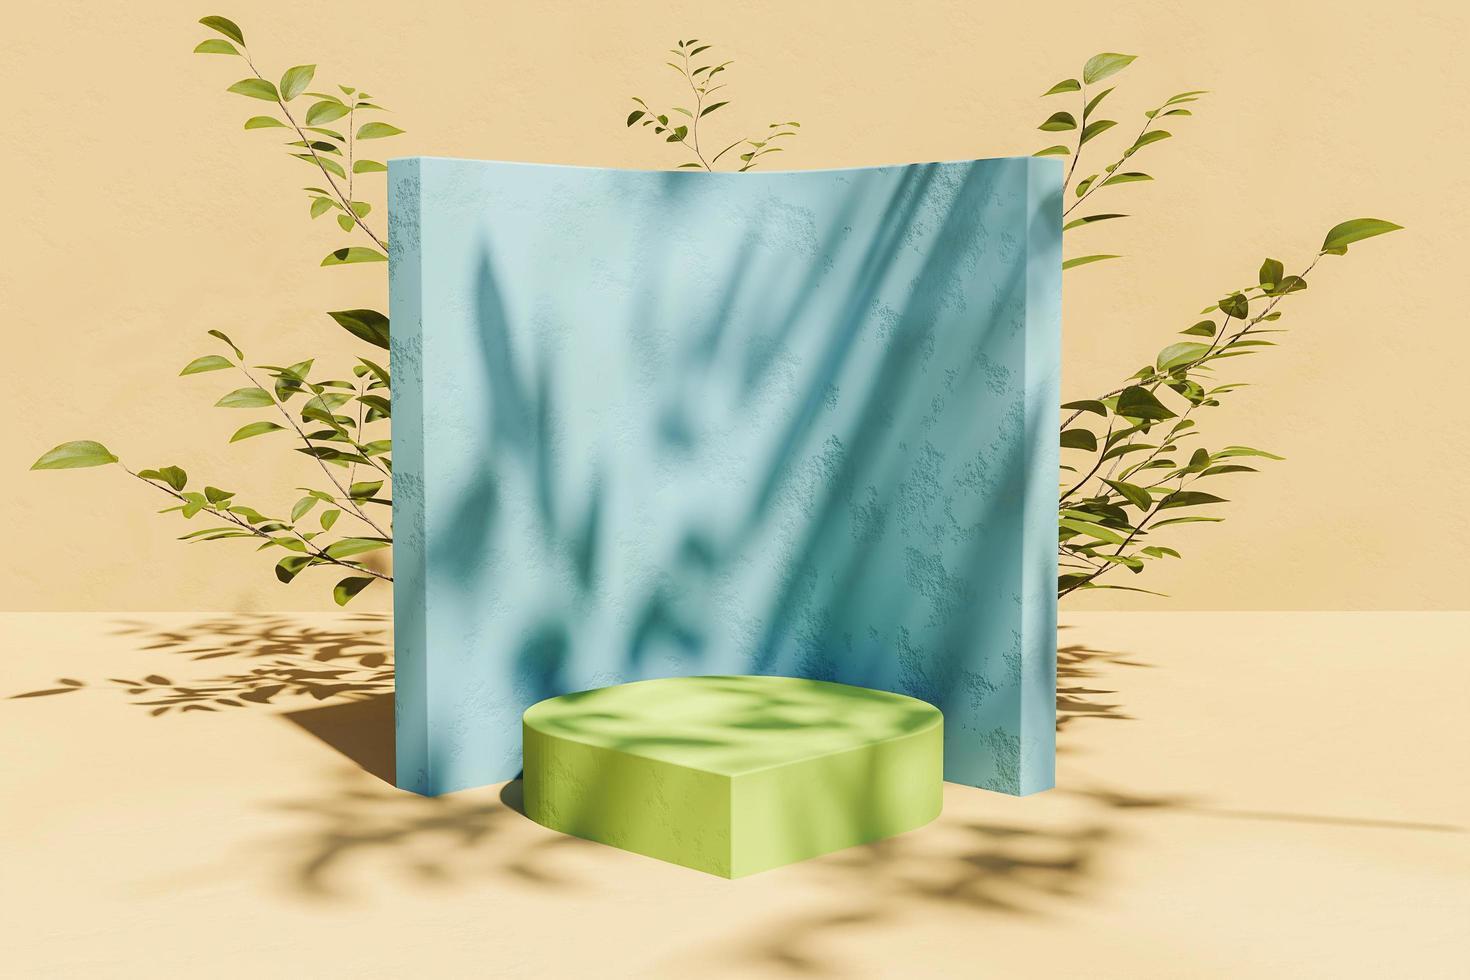 soporte para exhibición de productos con vegetación posterior y sombra de hojas, renderizado 3d foto